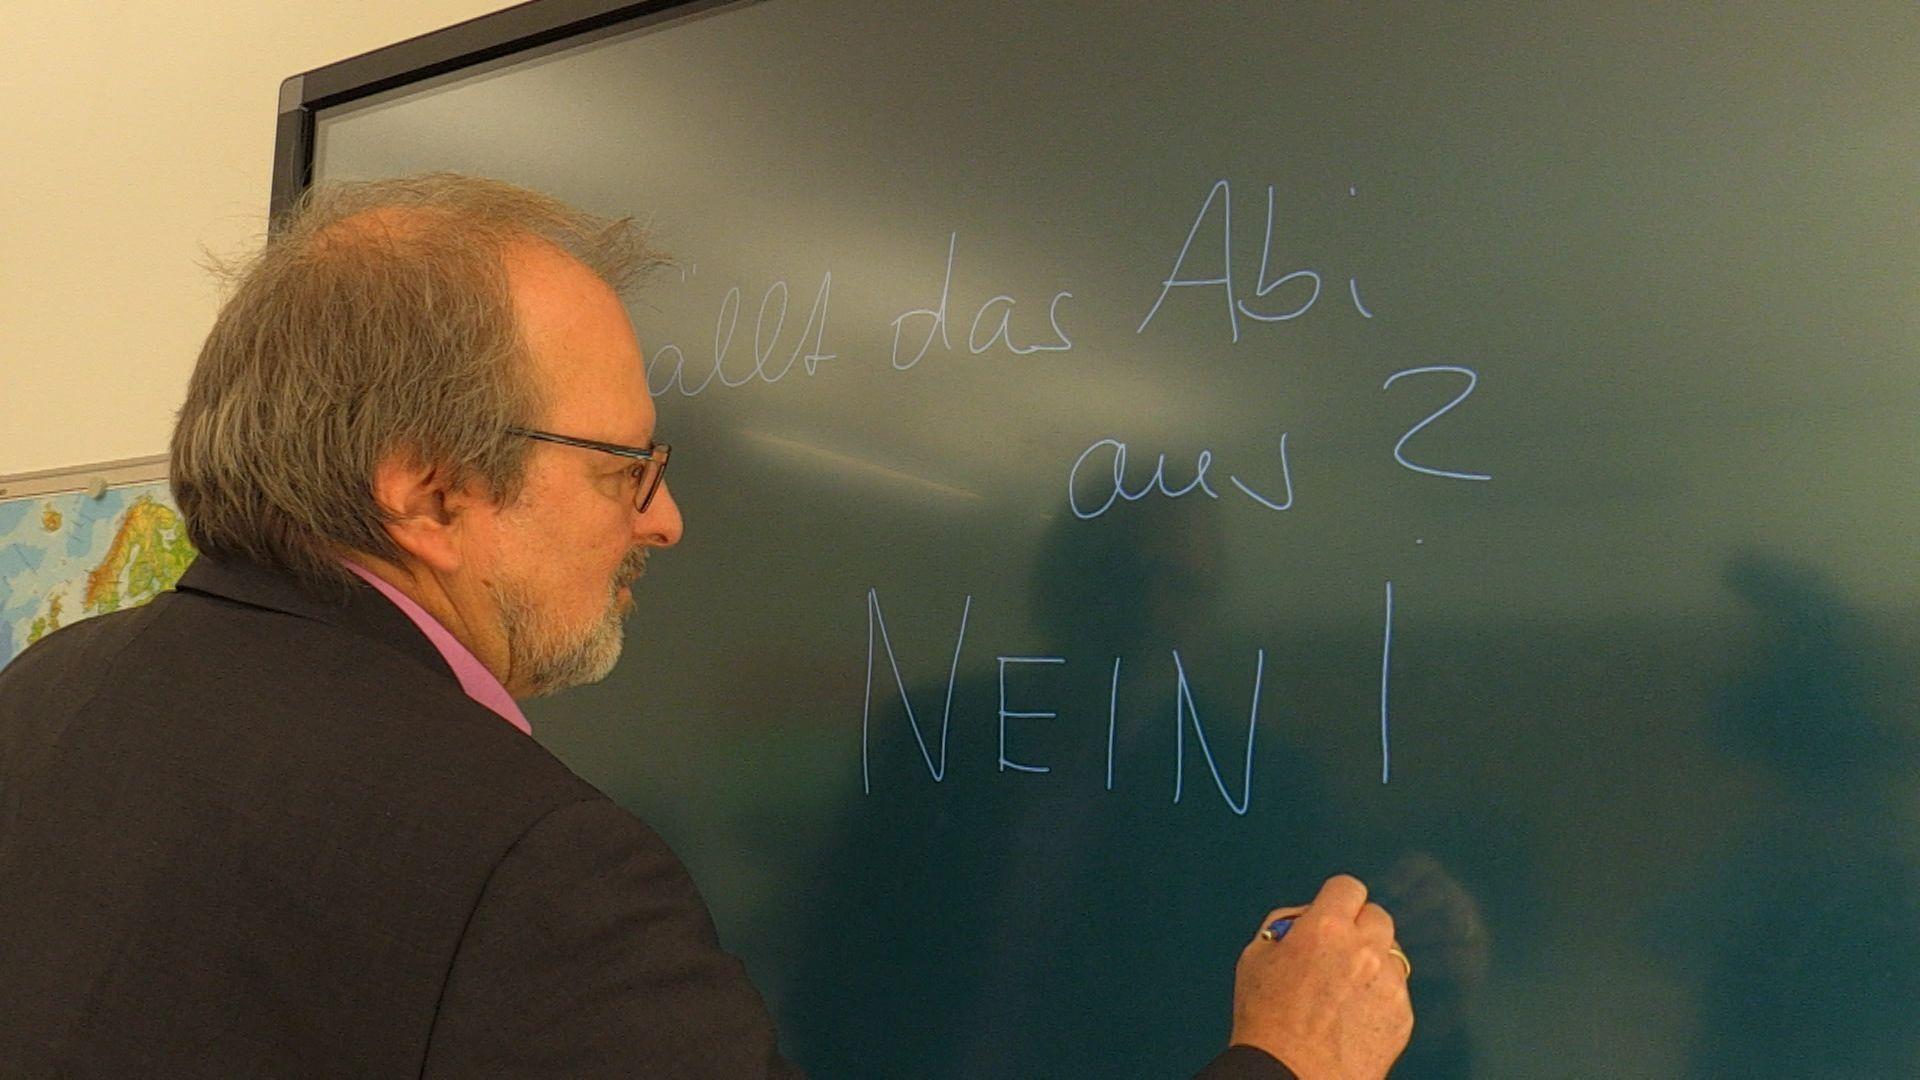 Der Präsident des Deutschen Lehrerverbands, Heinz-Peter Meidinger, an der Tafel